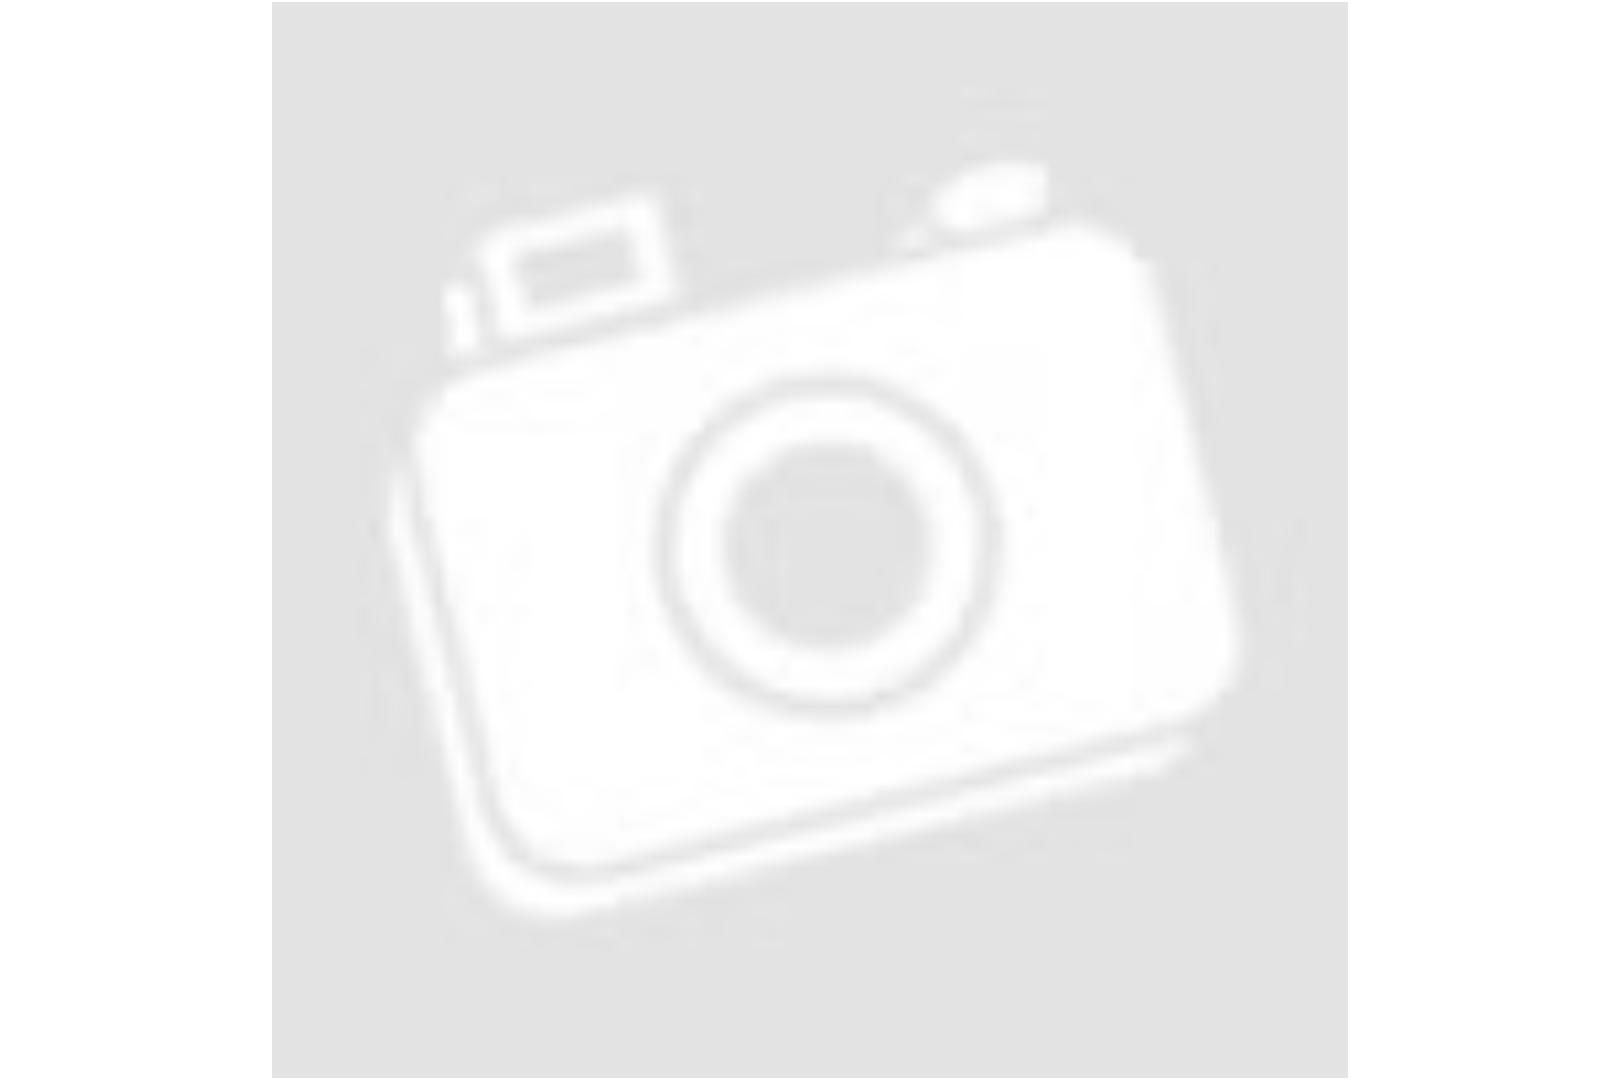 Kreinbacher Rosé Brut 2016 Magnum